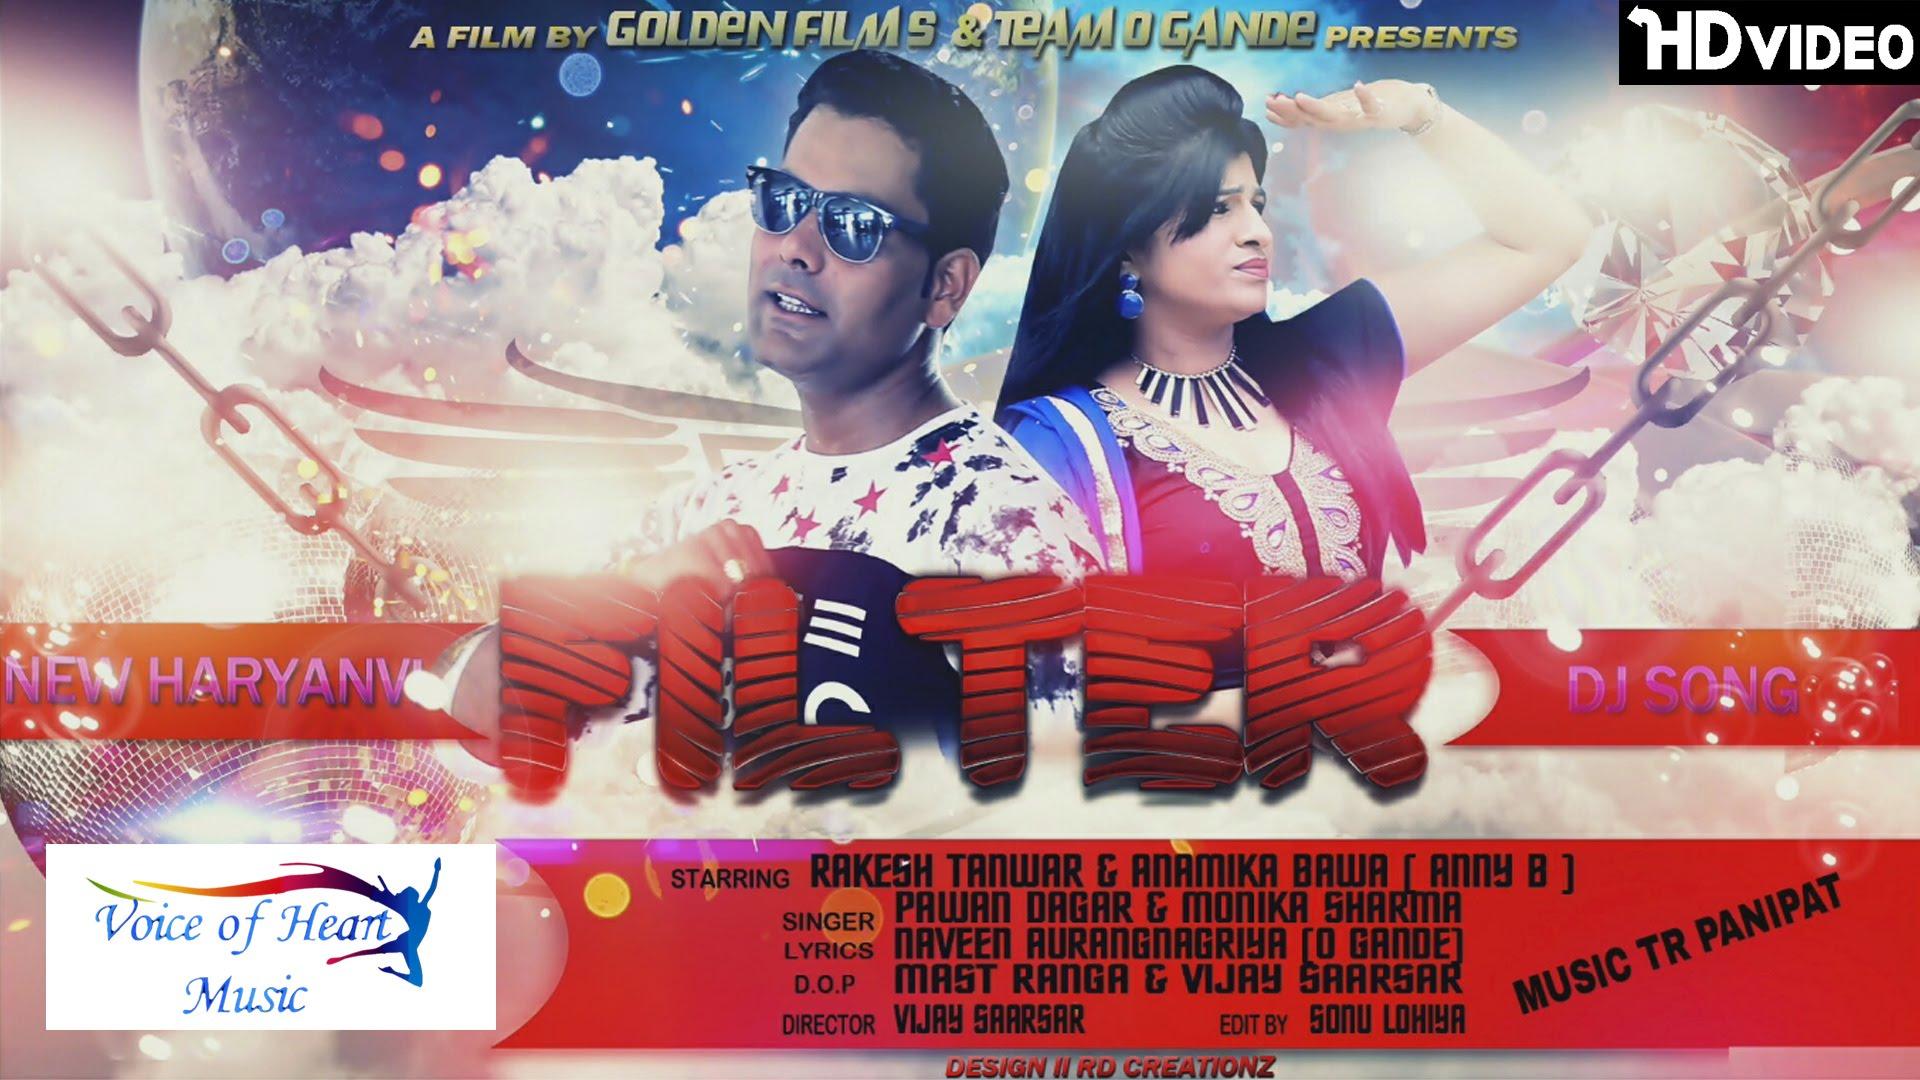 Filter Song By Pawan Dagar & Anamika Bawa